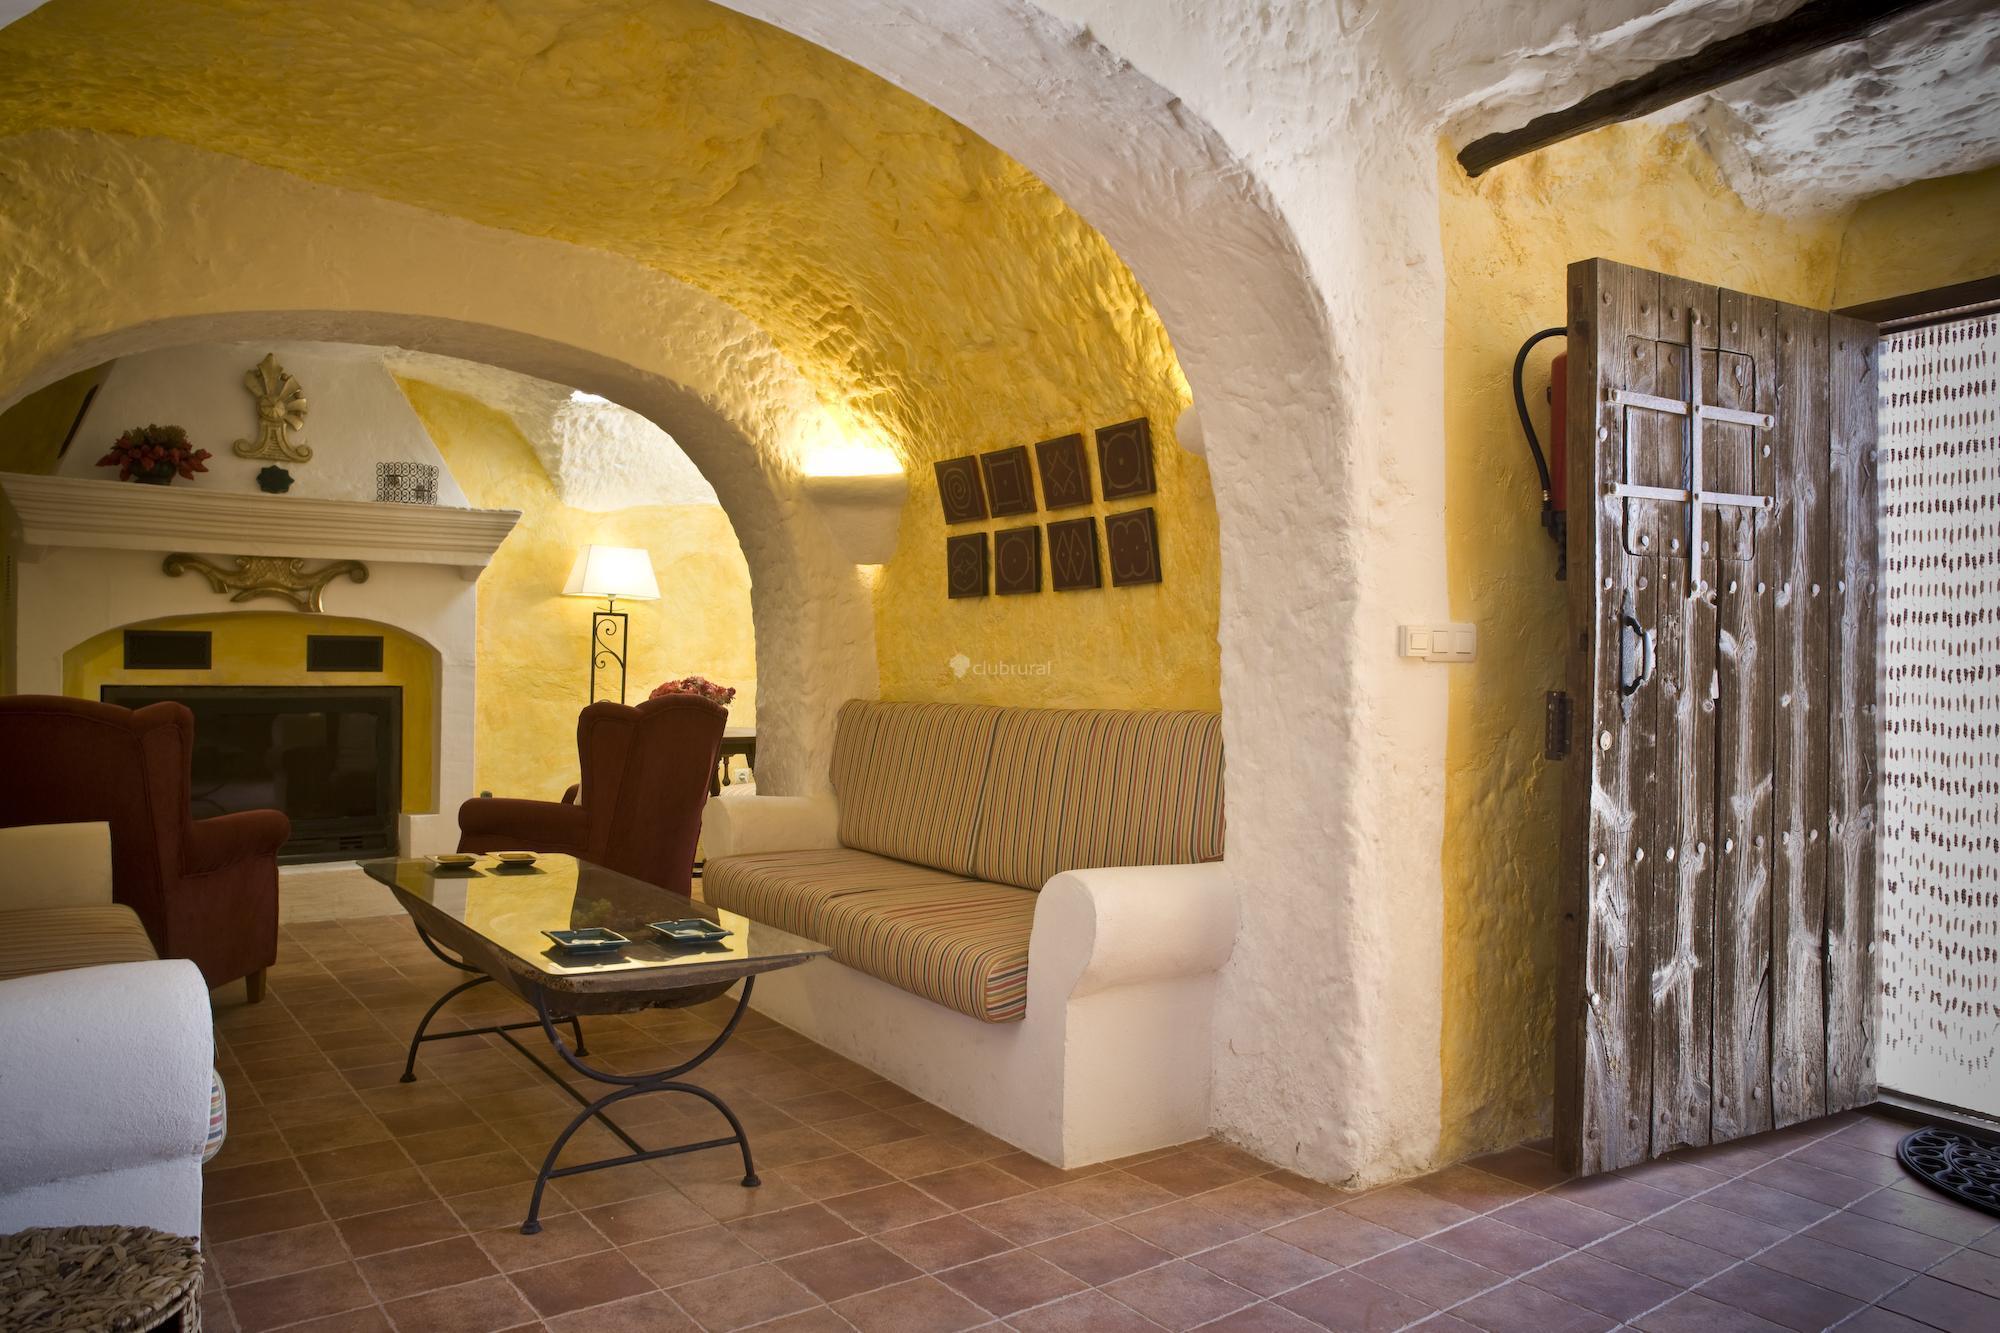 126808_casa-cueva-la-hornacina_1384358758_o.jpg